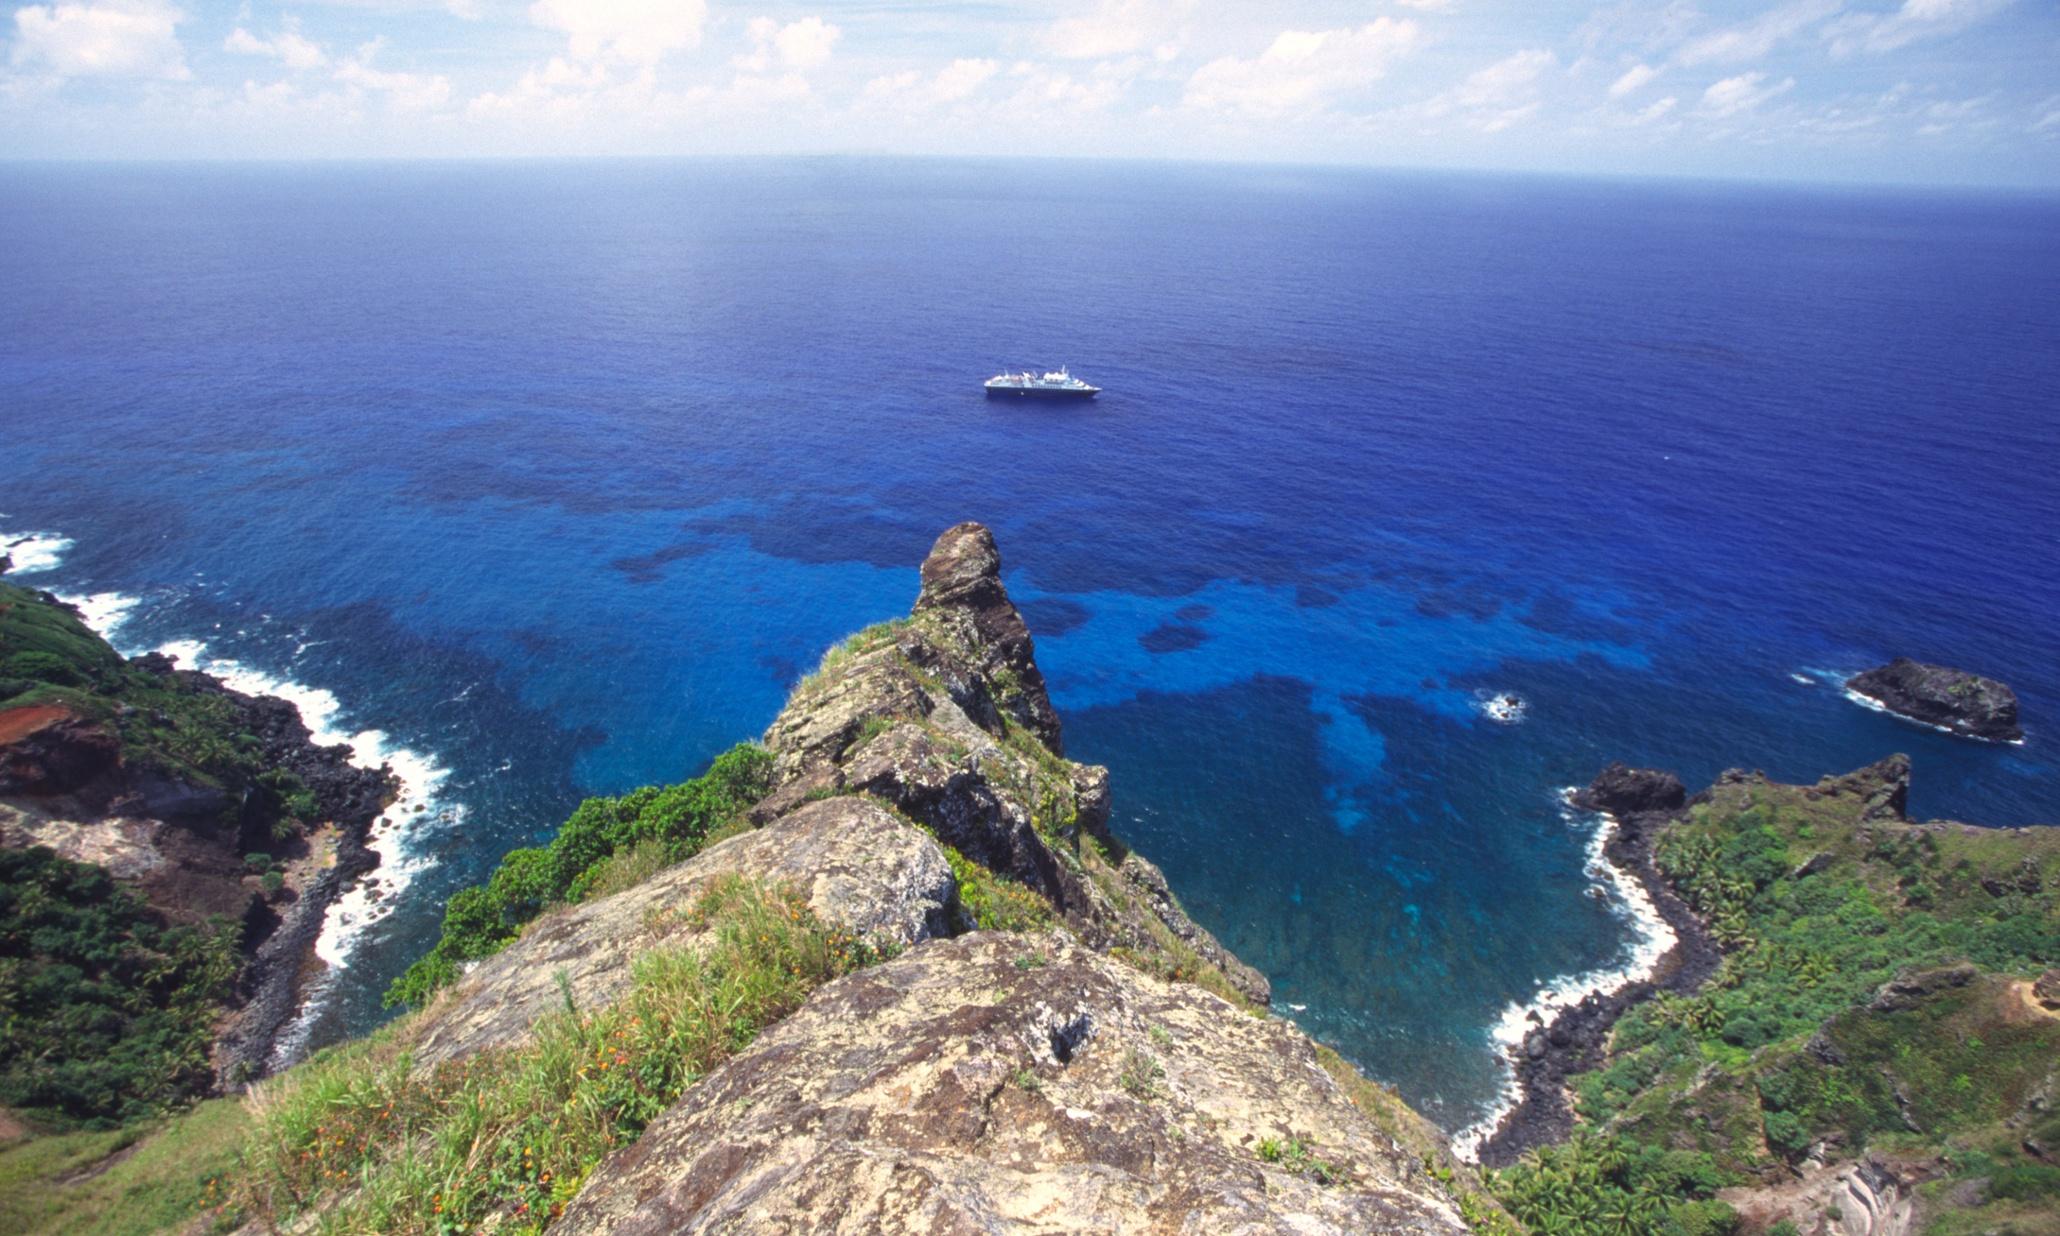 Isla paradisíaca posee la capital con menos población del mundo